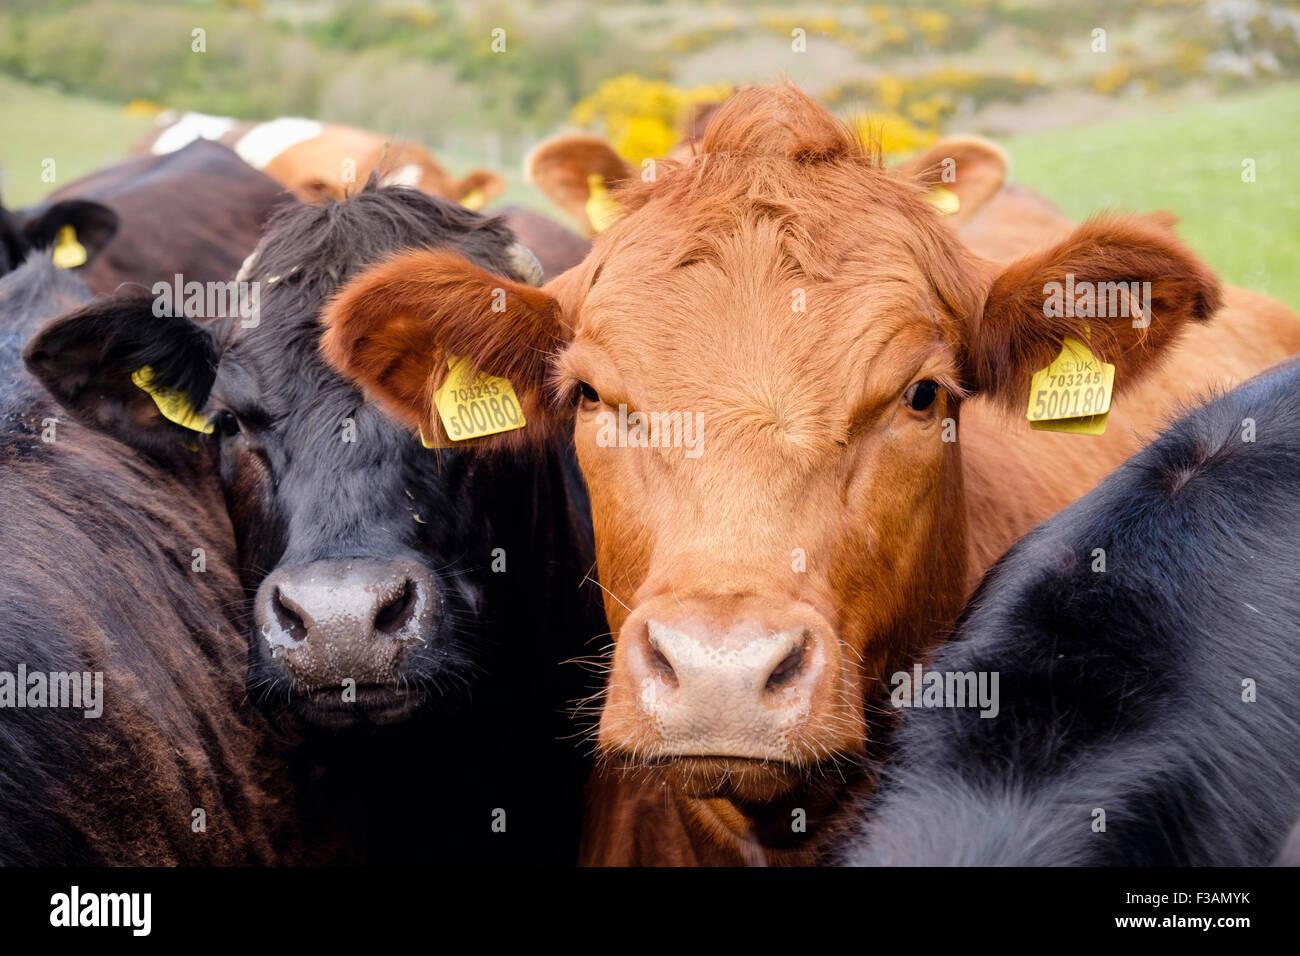 Curioso giovani tori Bos taurus (bovini) con giallo di marchi auricolari in una fattoria. Il Galles, Regno Unito, Immagini Stock